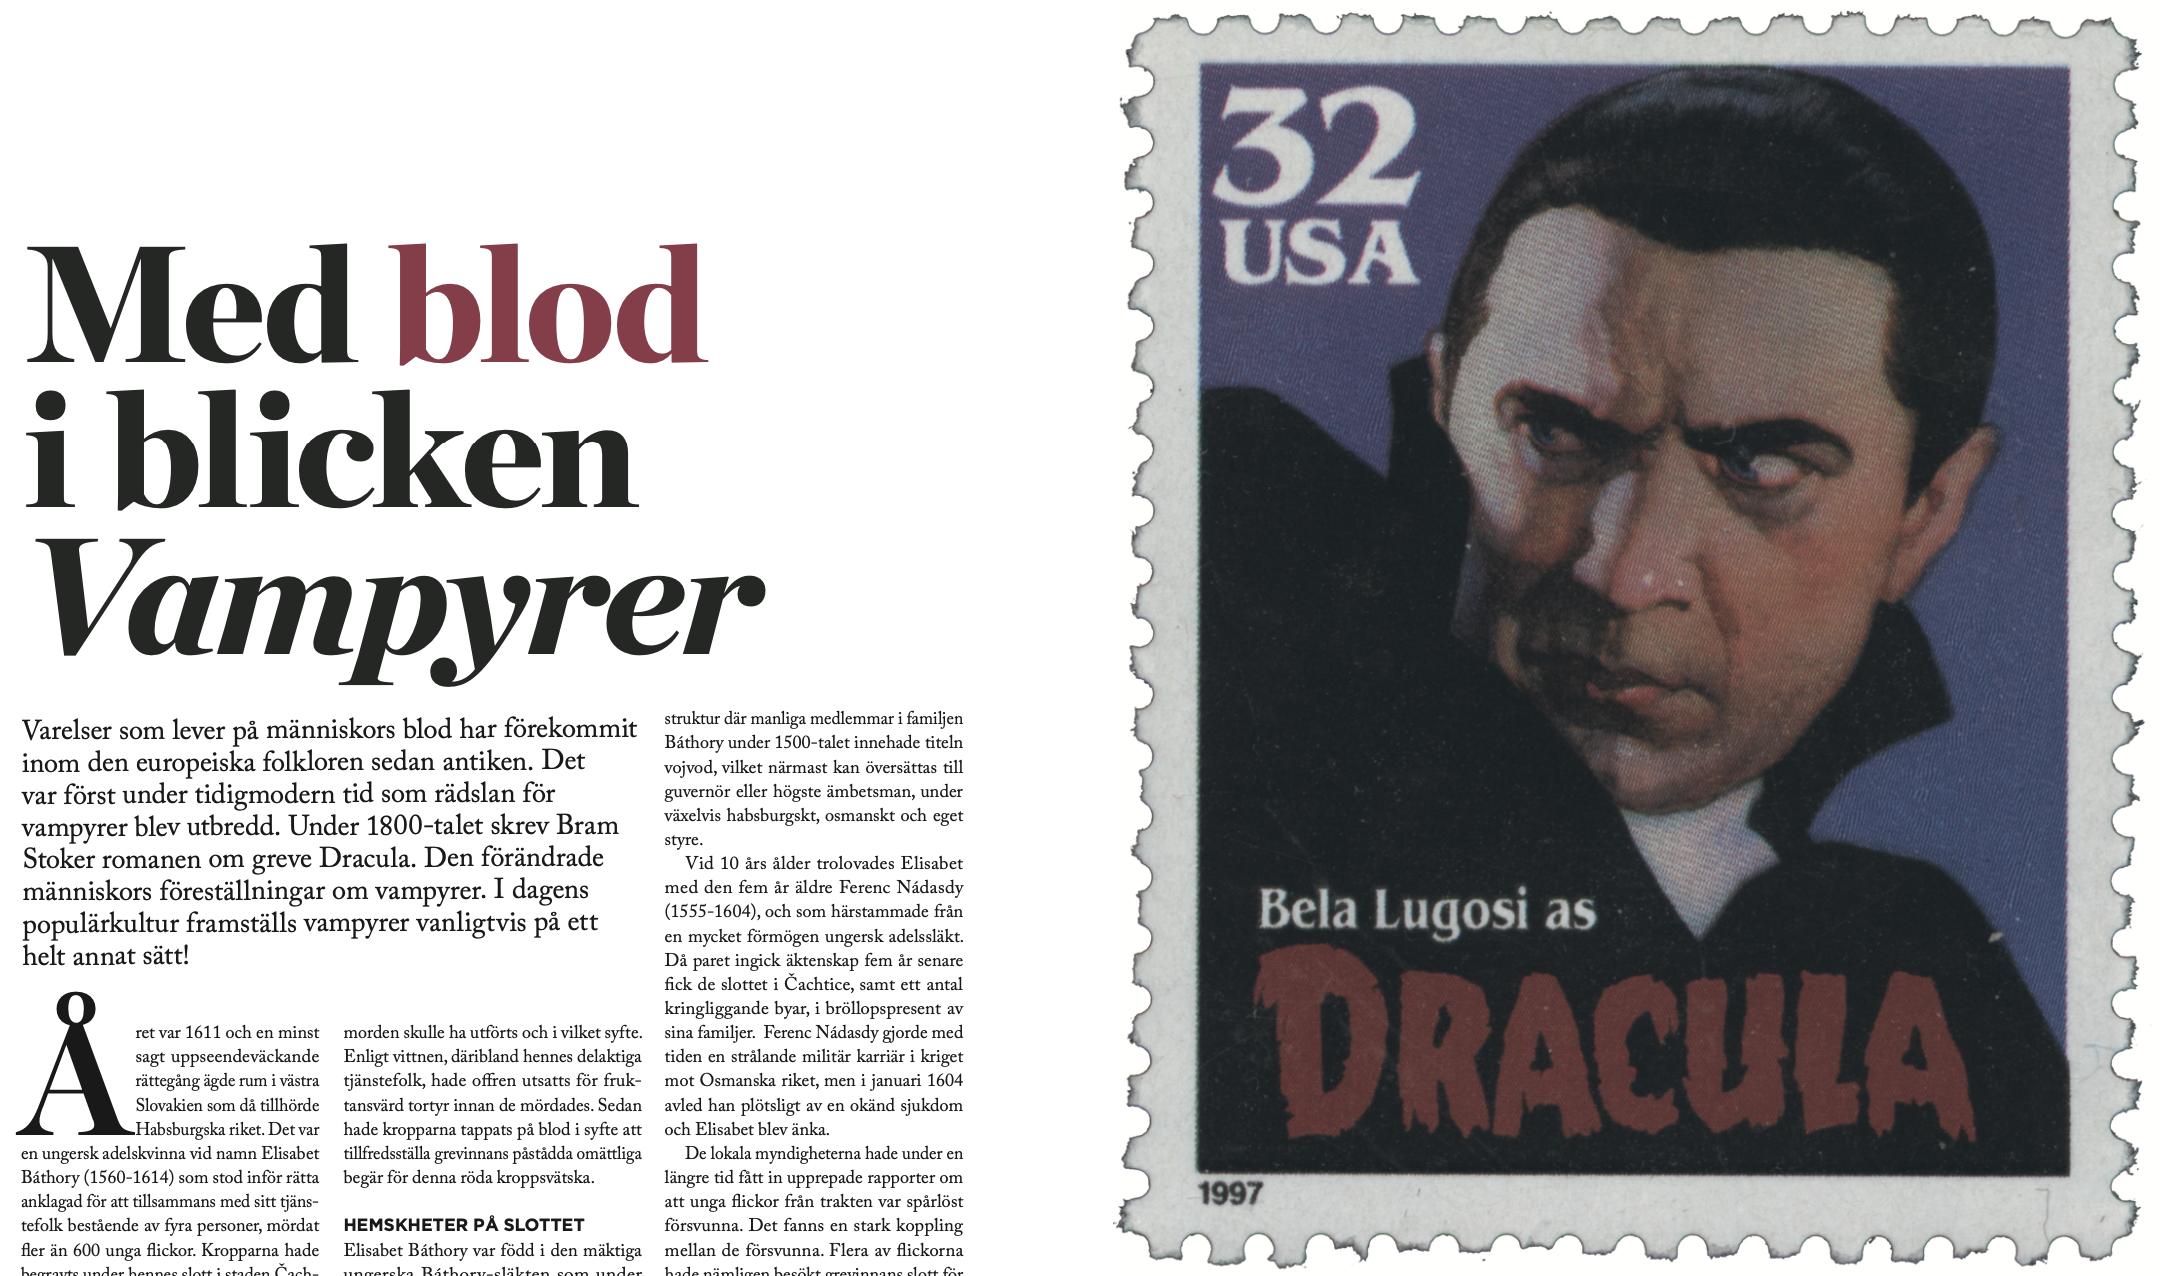 Med blod i blicken – Vampyrer